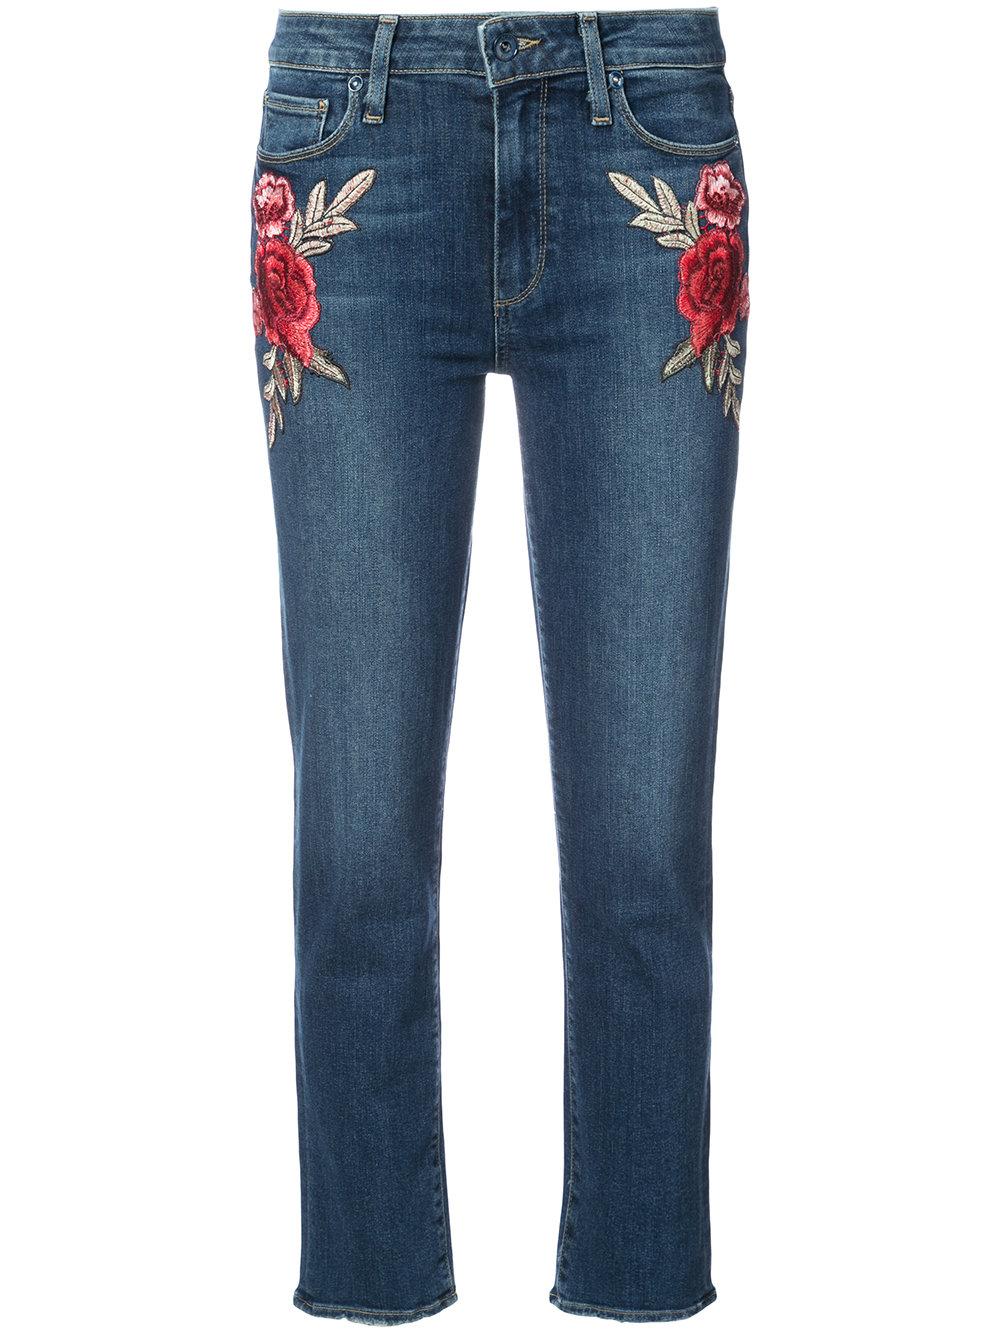 PAIGE jeans $270